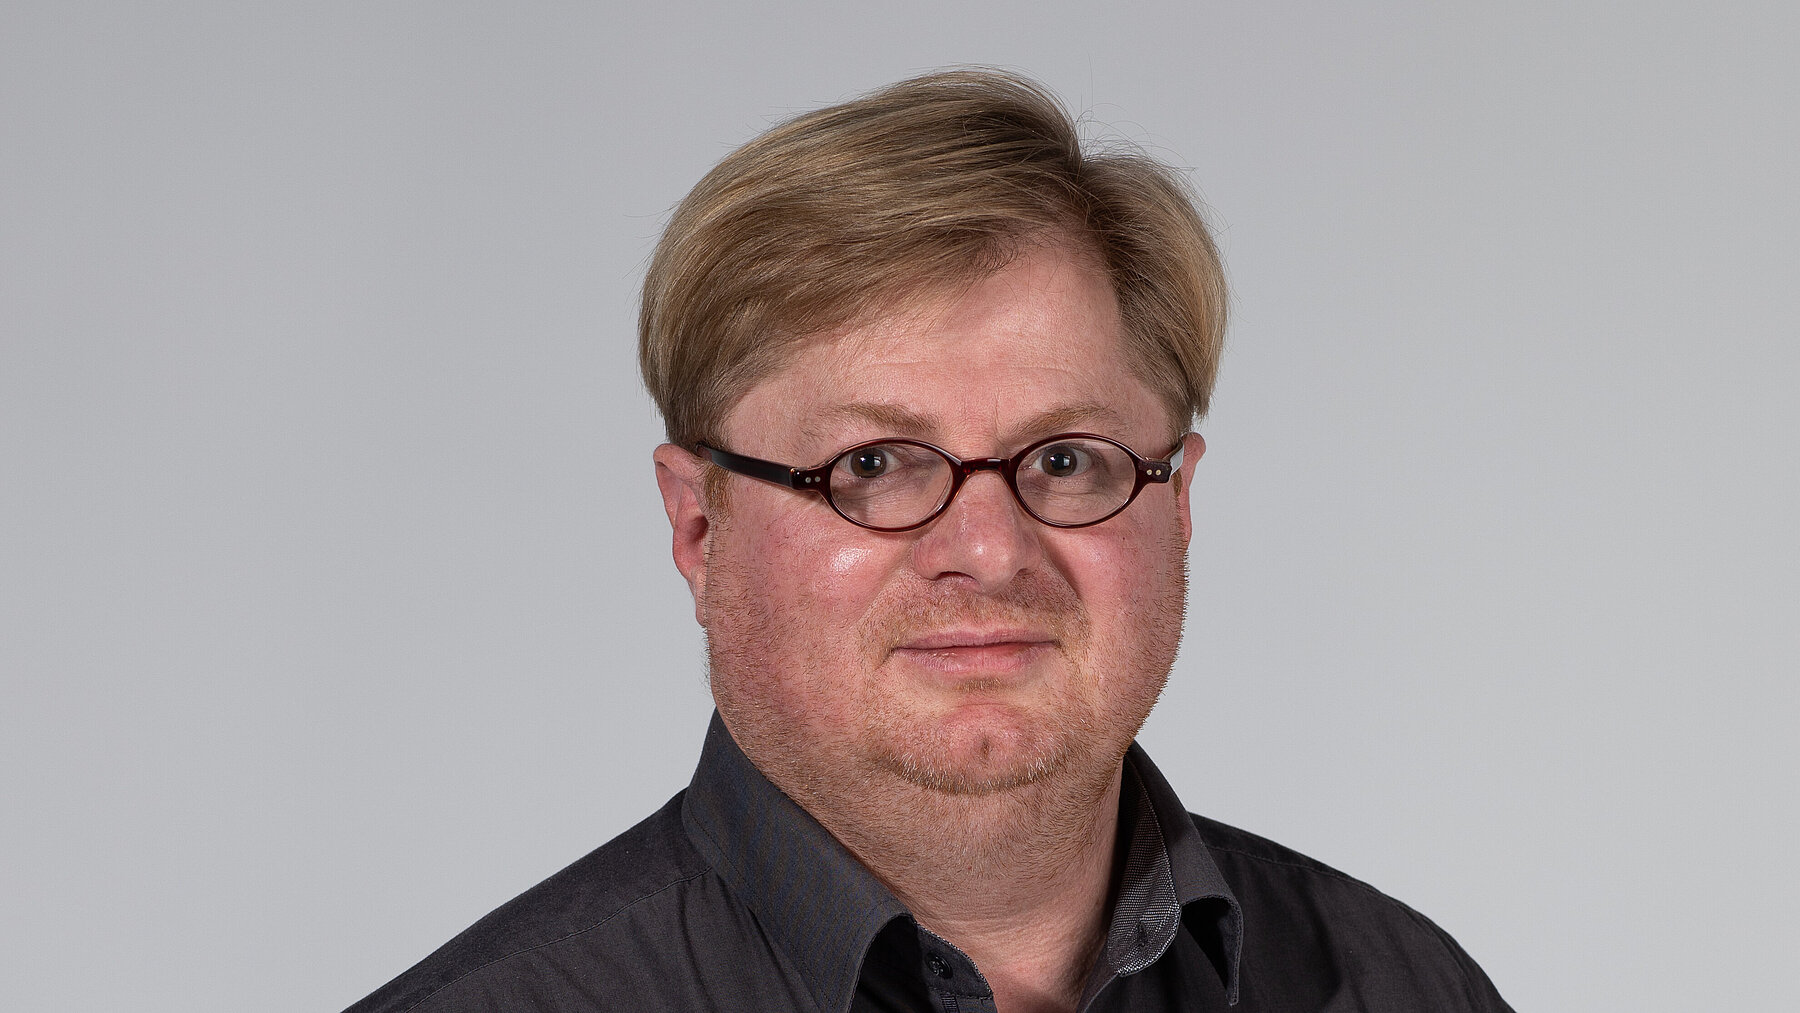 Er verbindet Medizin mit Informatik: Prof. Dr. Swoboda